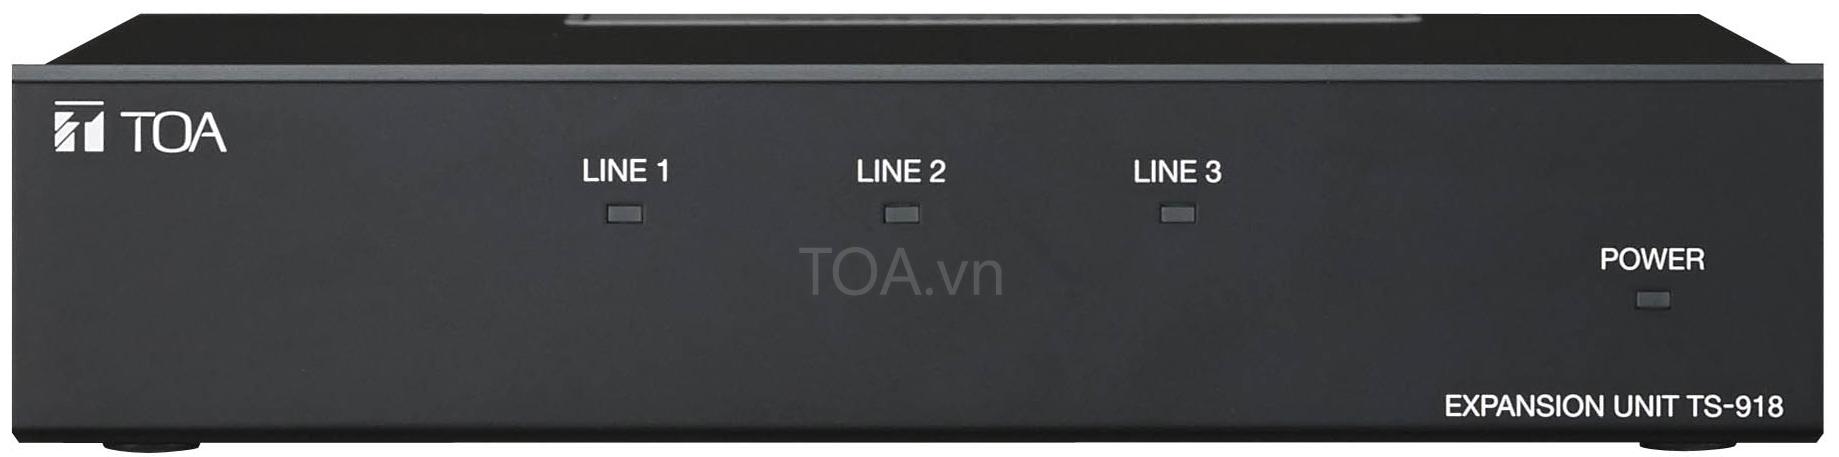 Thiết bị mở rộng TOA TS-918,  TS-918 CE âm thanh hội thảo, bán TOA  TS-918,  giá thiết bị  TS-918 CE